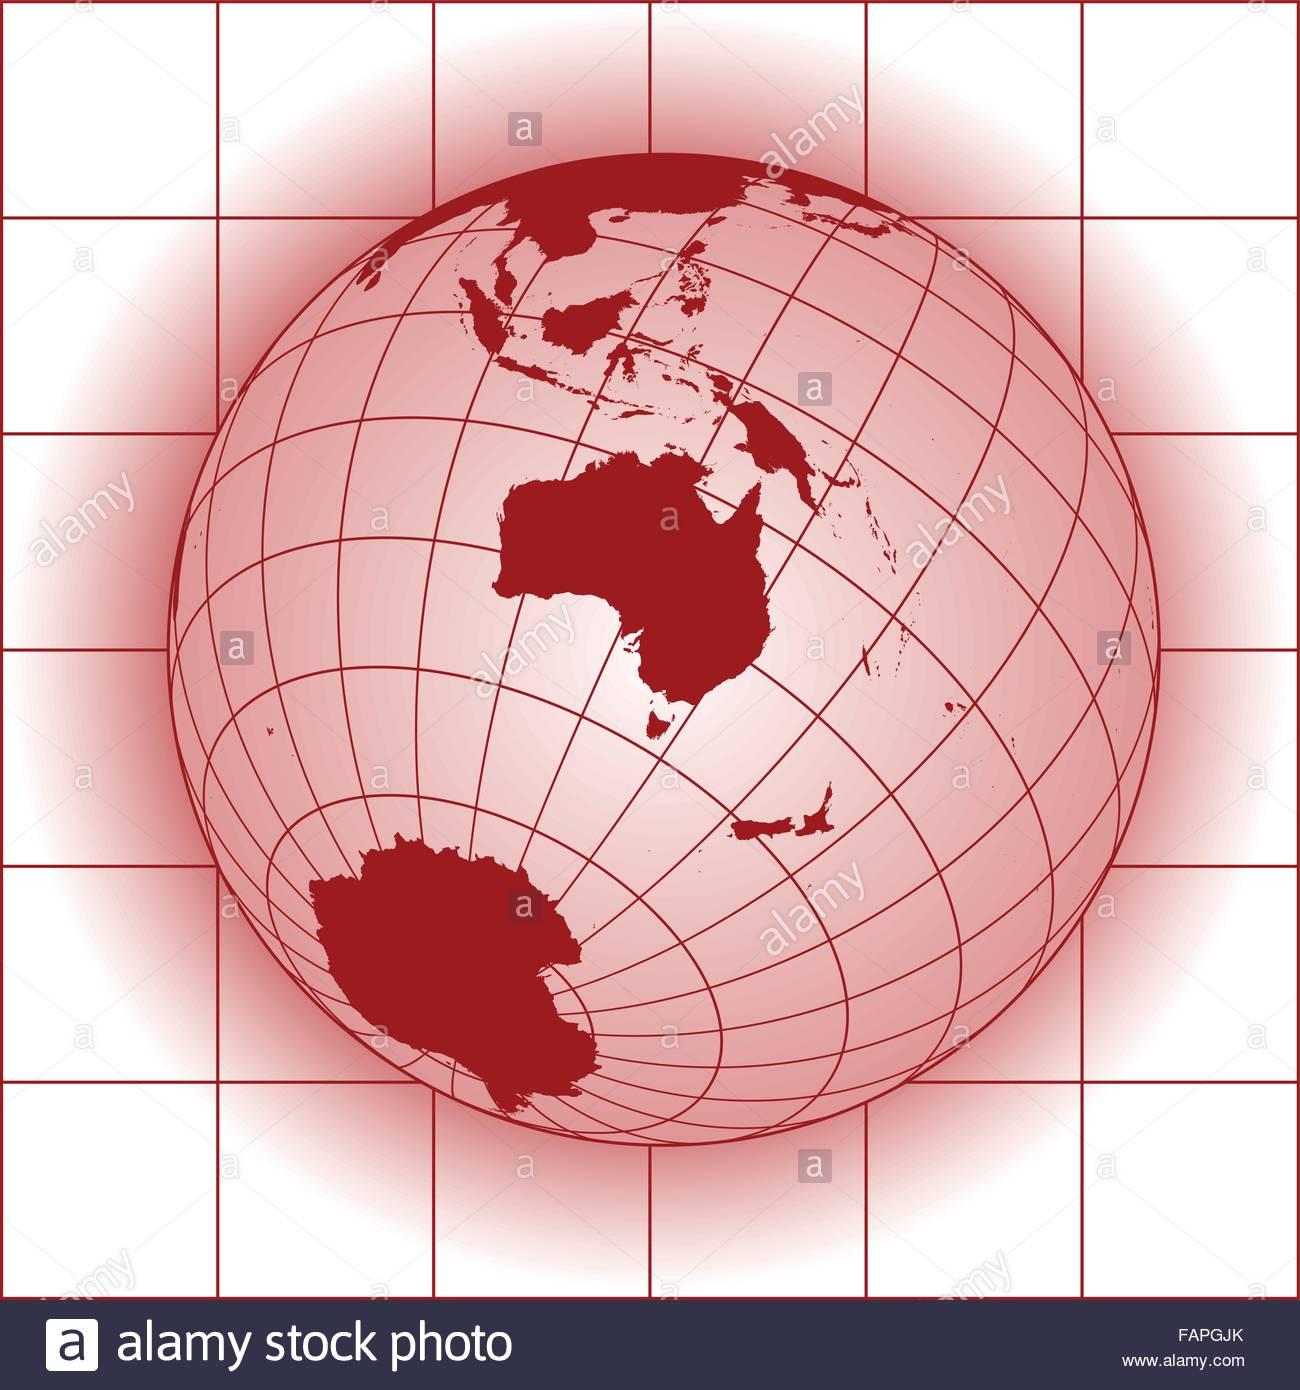 Carte Russie Australie.Carte De L Australie L Asie La Russie L Antarctique Pole